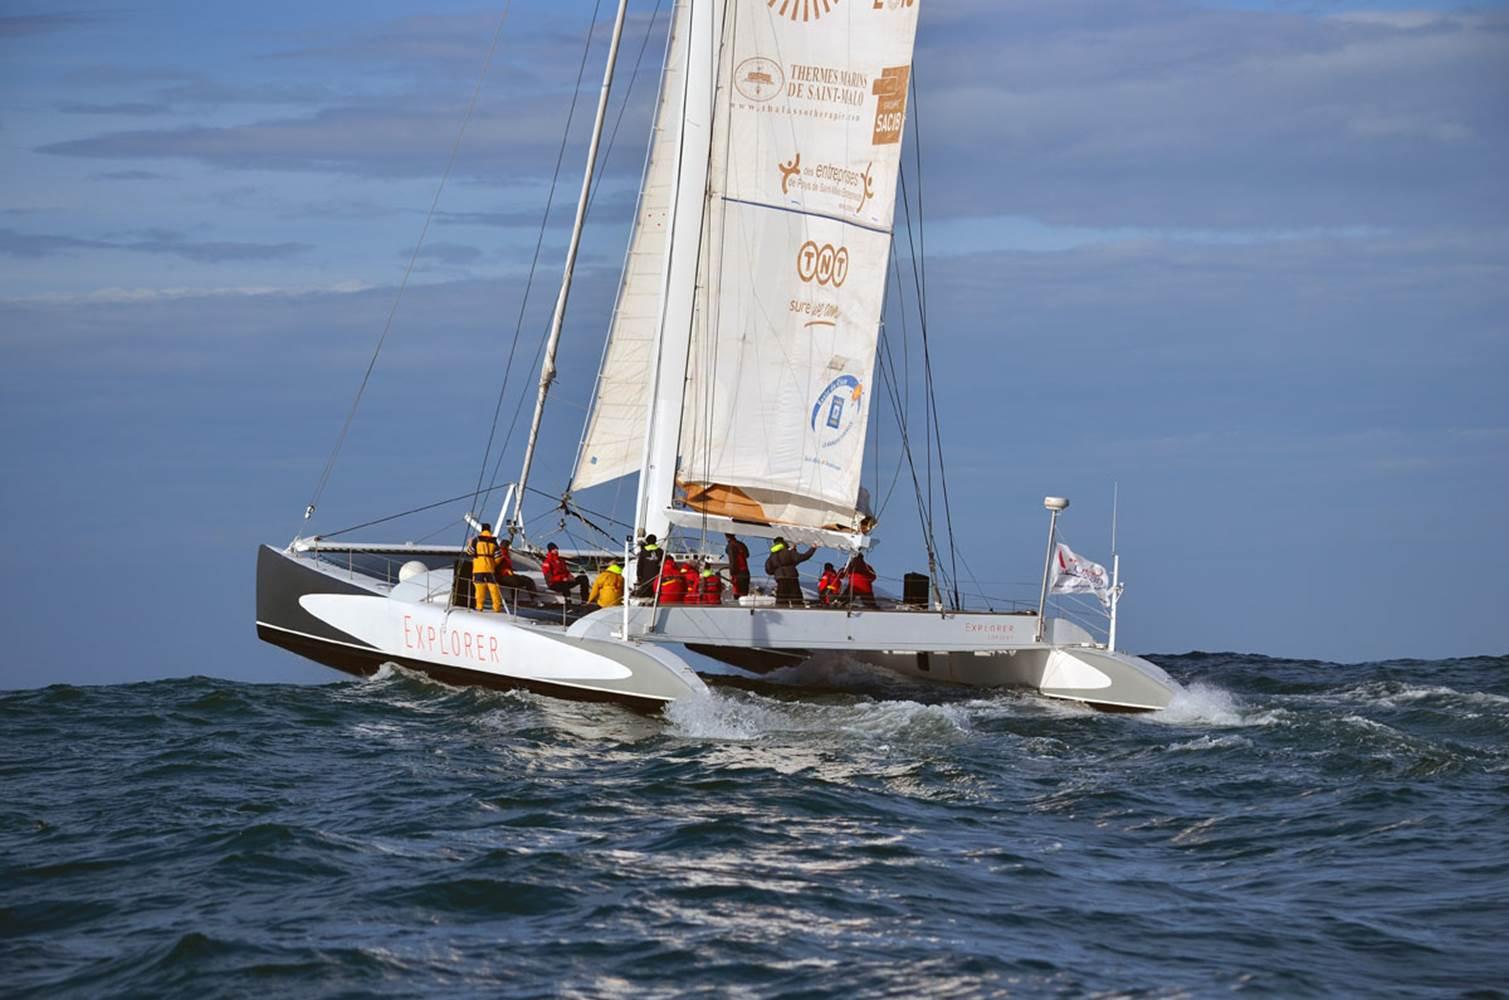 Embarquez à bord du maxi catamaran de course Explorer © CHALLENGE OCEAN